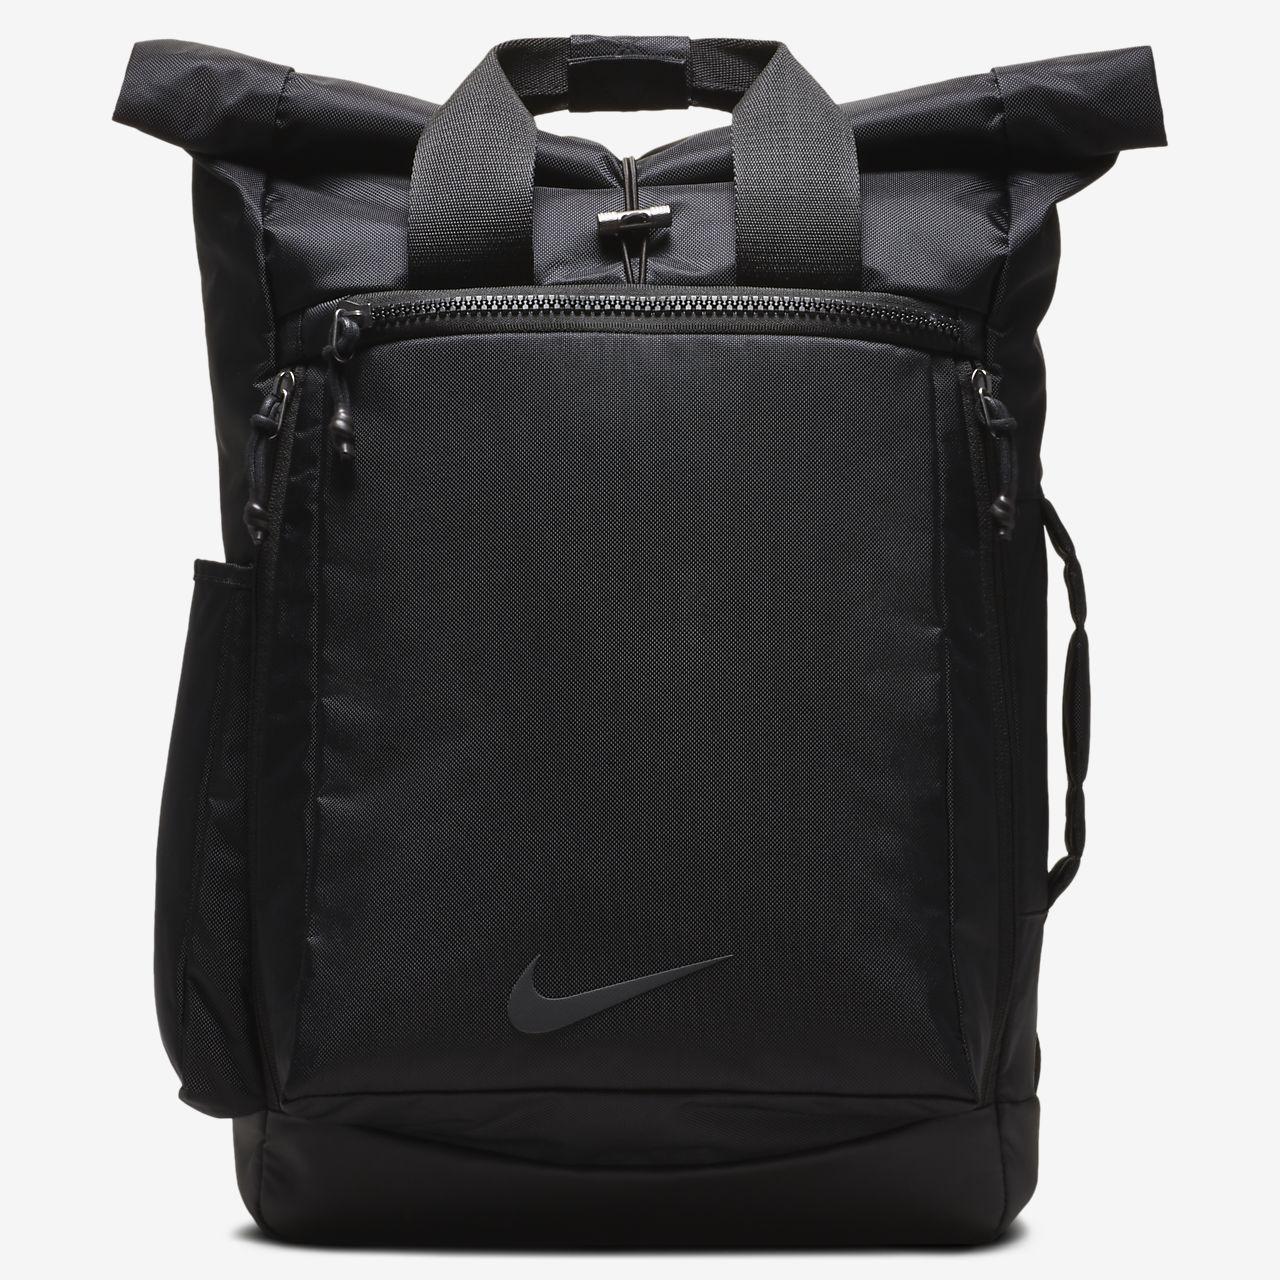 f61fc4ec57e4f Plecak treningowy Nike Vapor Energy 2.0. Nike.com PL